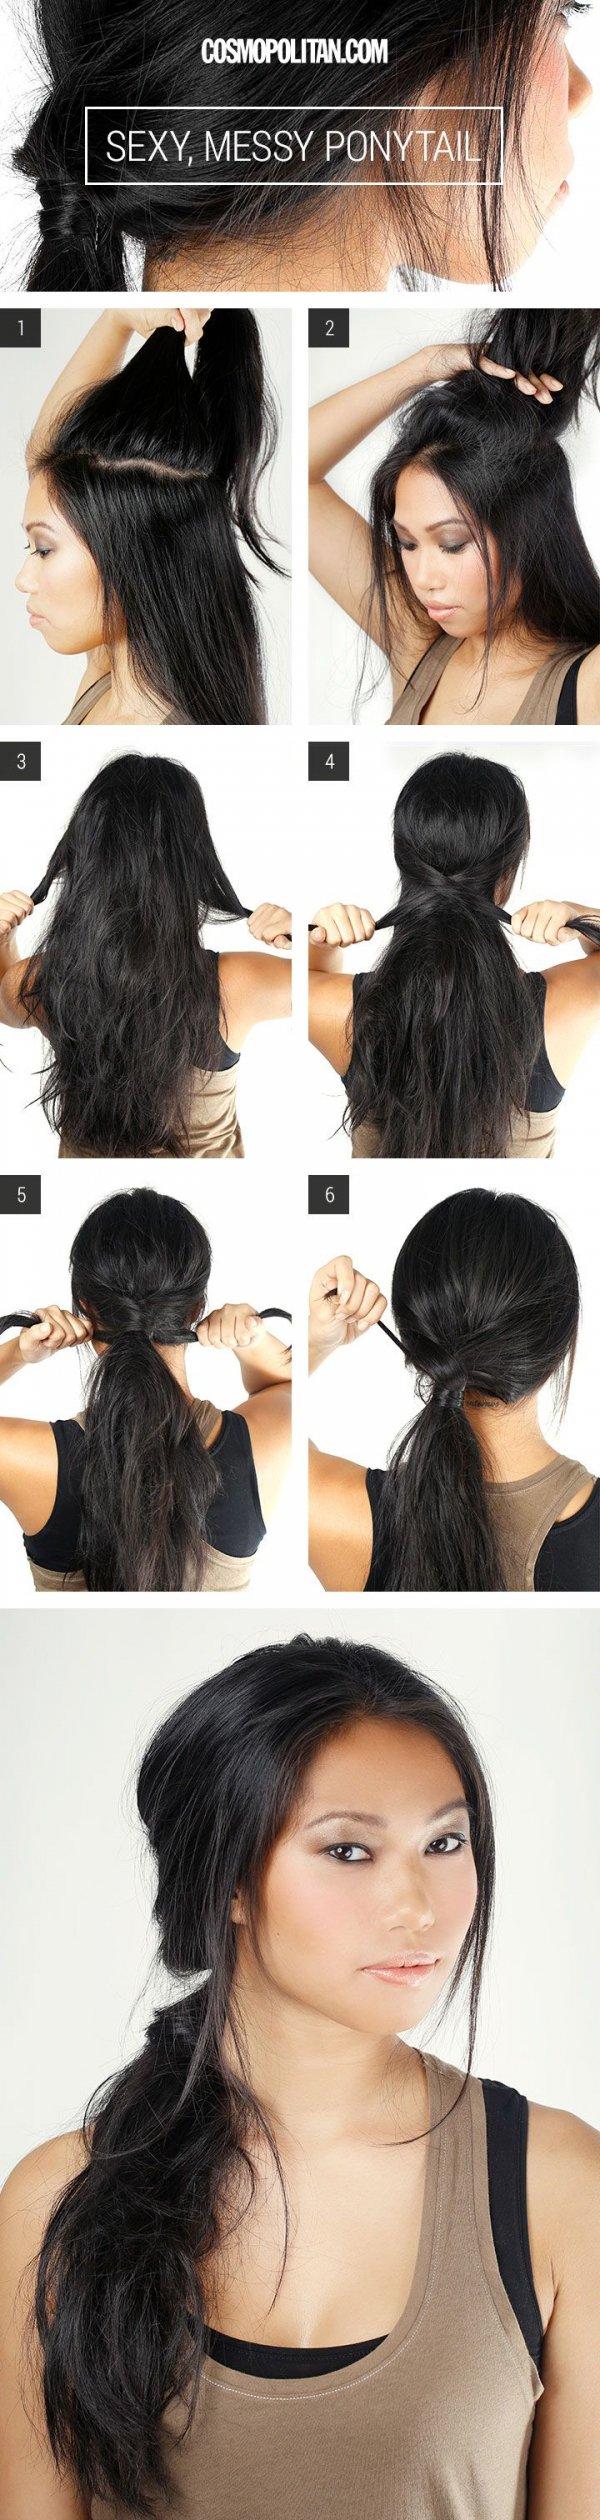 hair,black hair,face,hairstyle,brown,